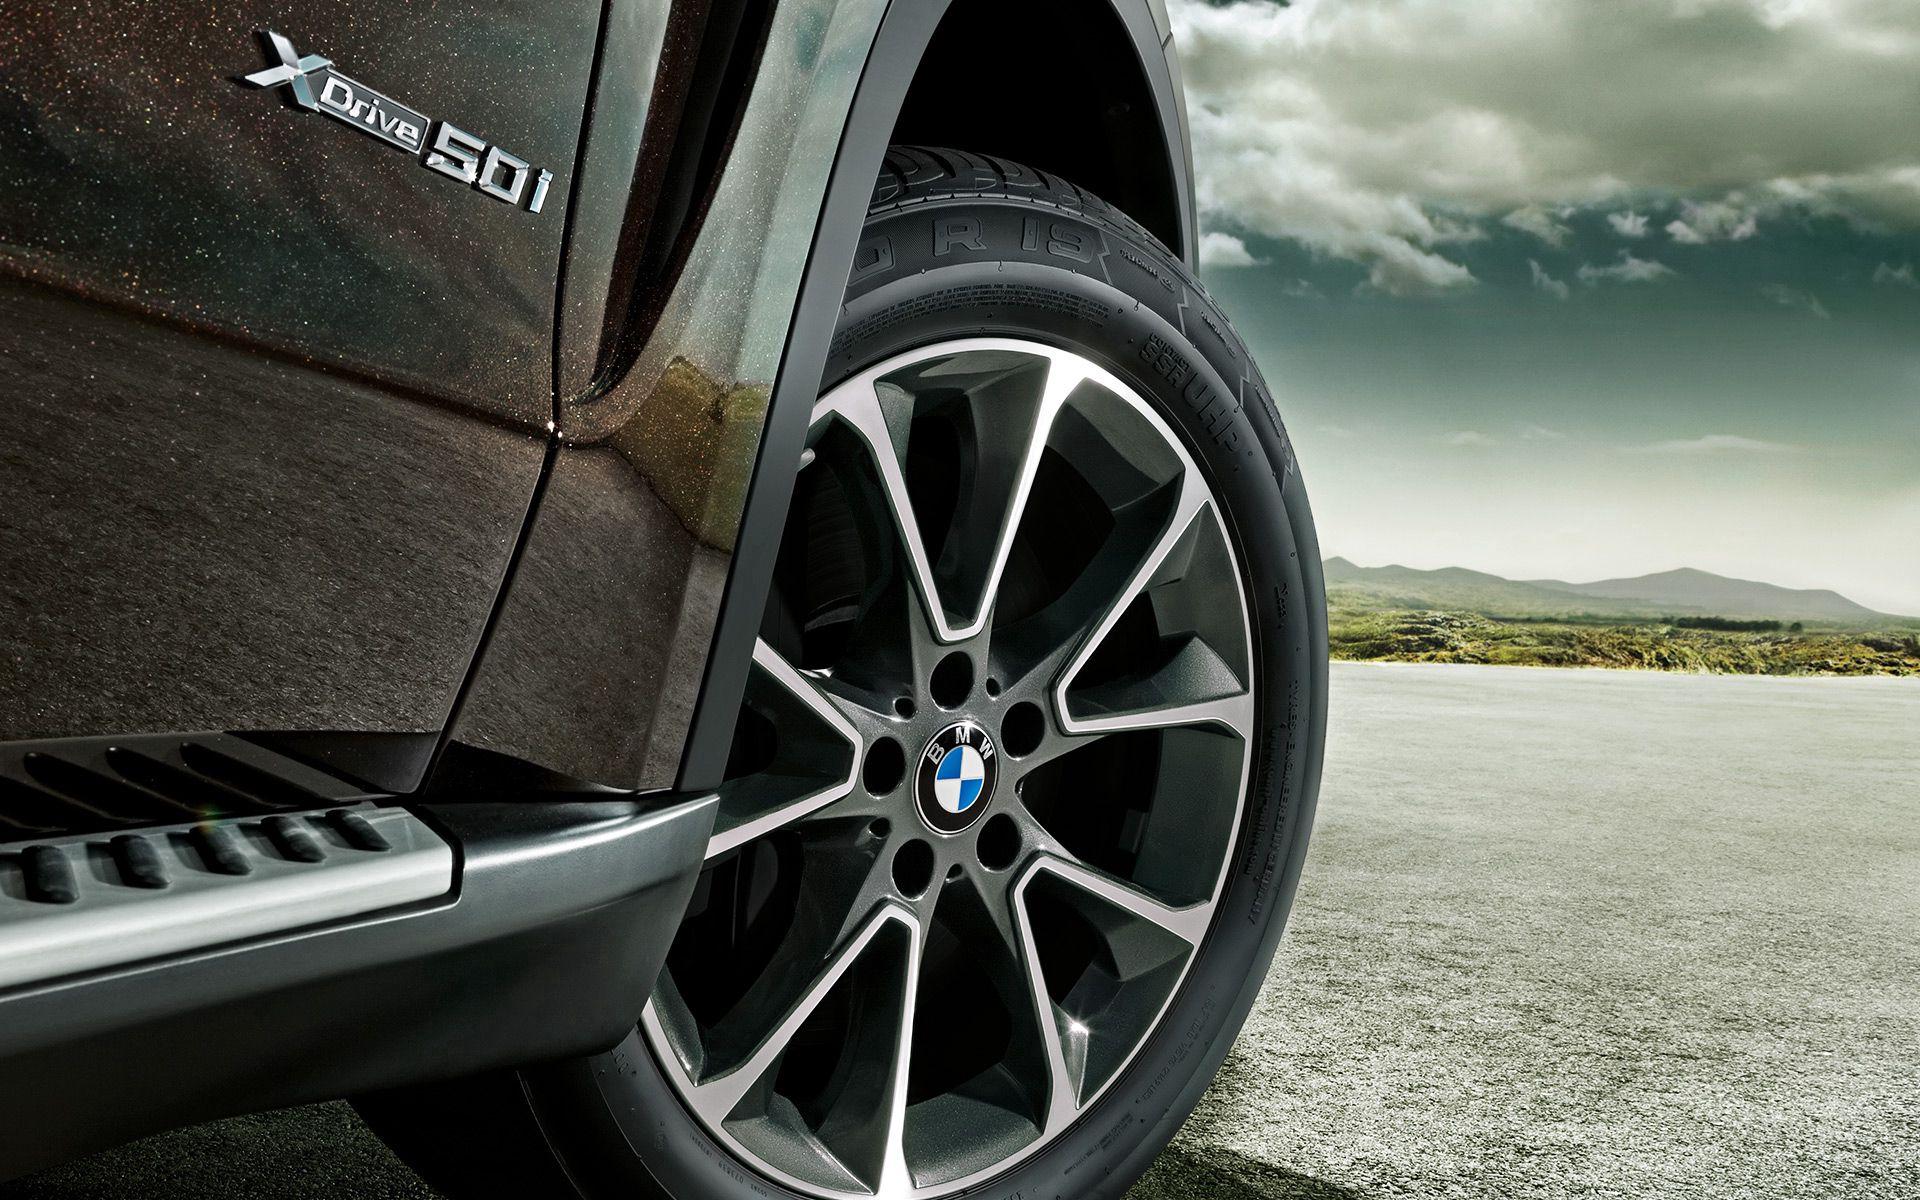 145944 Hintergrundbild herunterladen Auto, Bmw, Cars, Bmw X5, Rad, Reifen, Neu, Neuheit - Bildschirmschoner und Bilder kostenlos